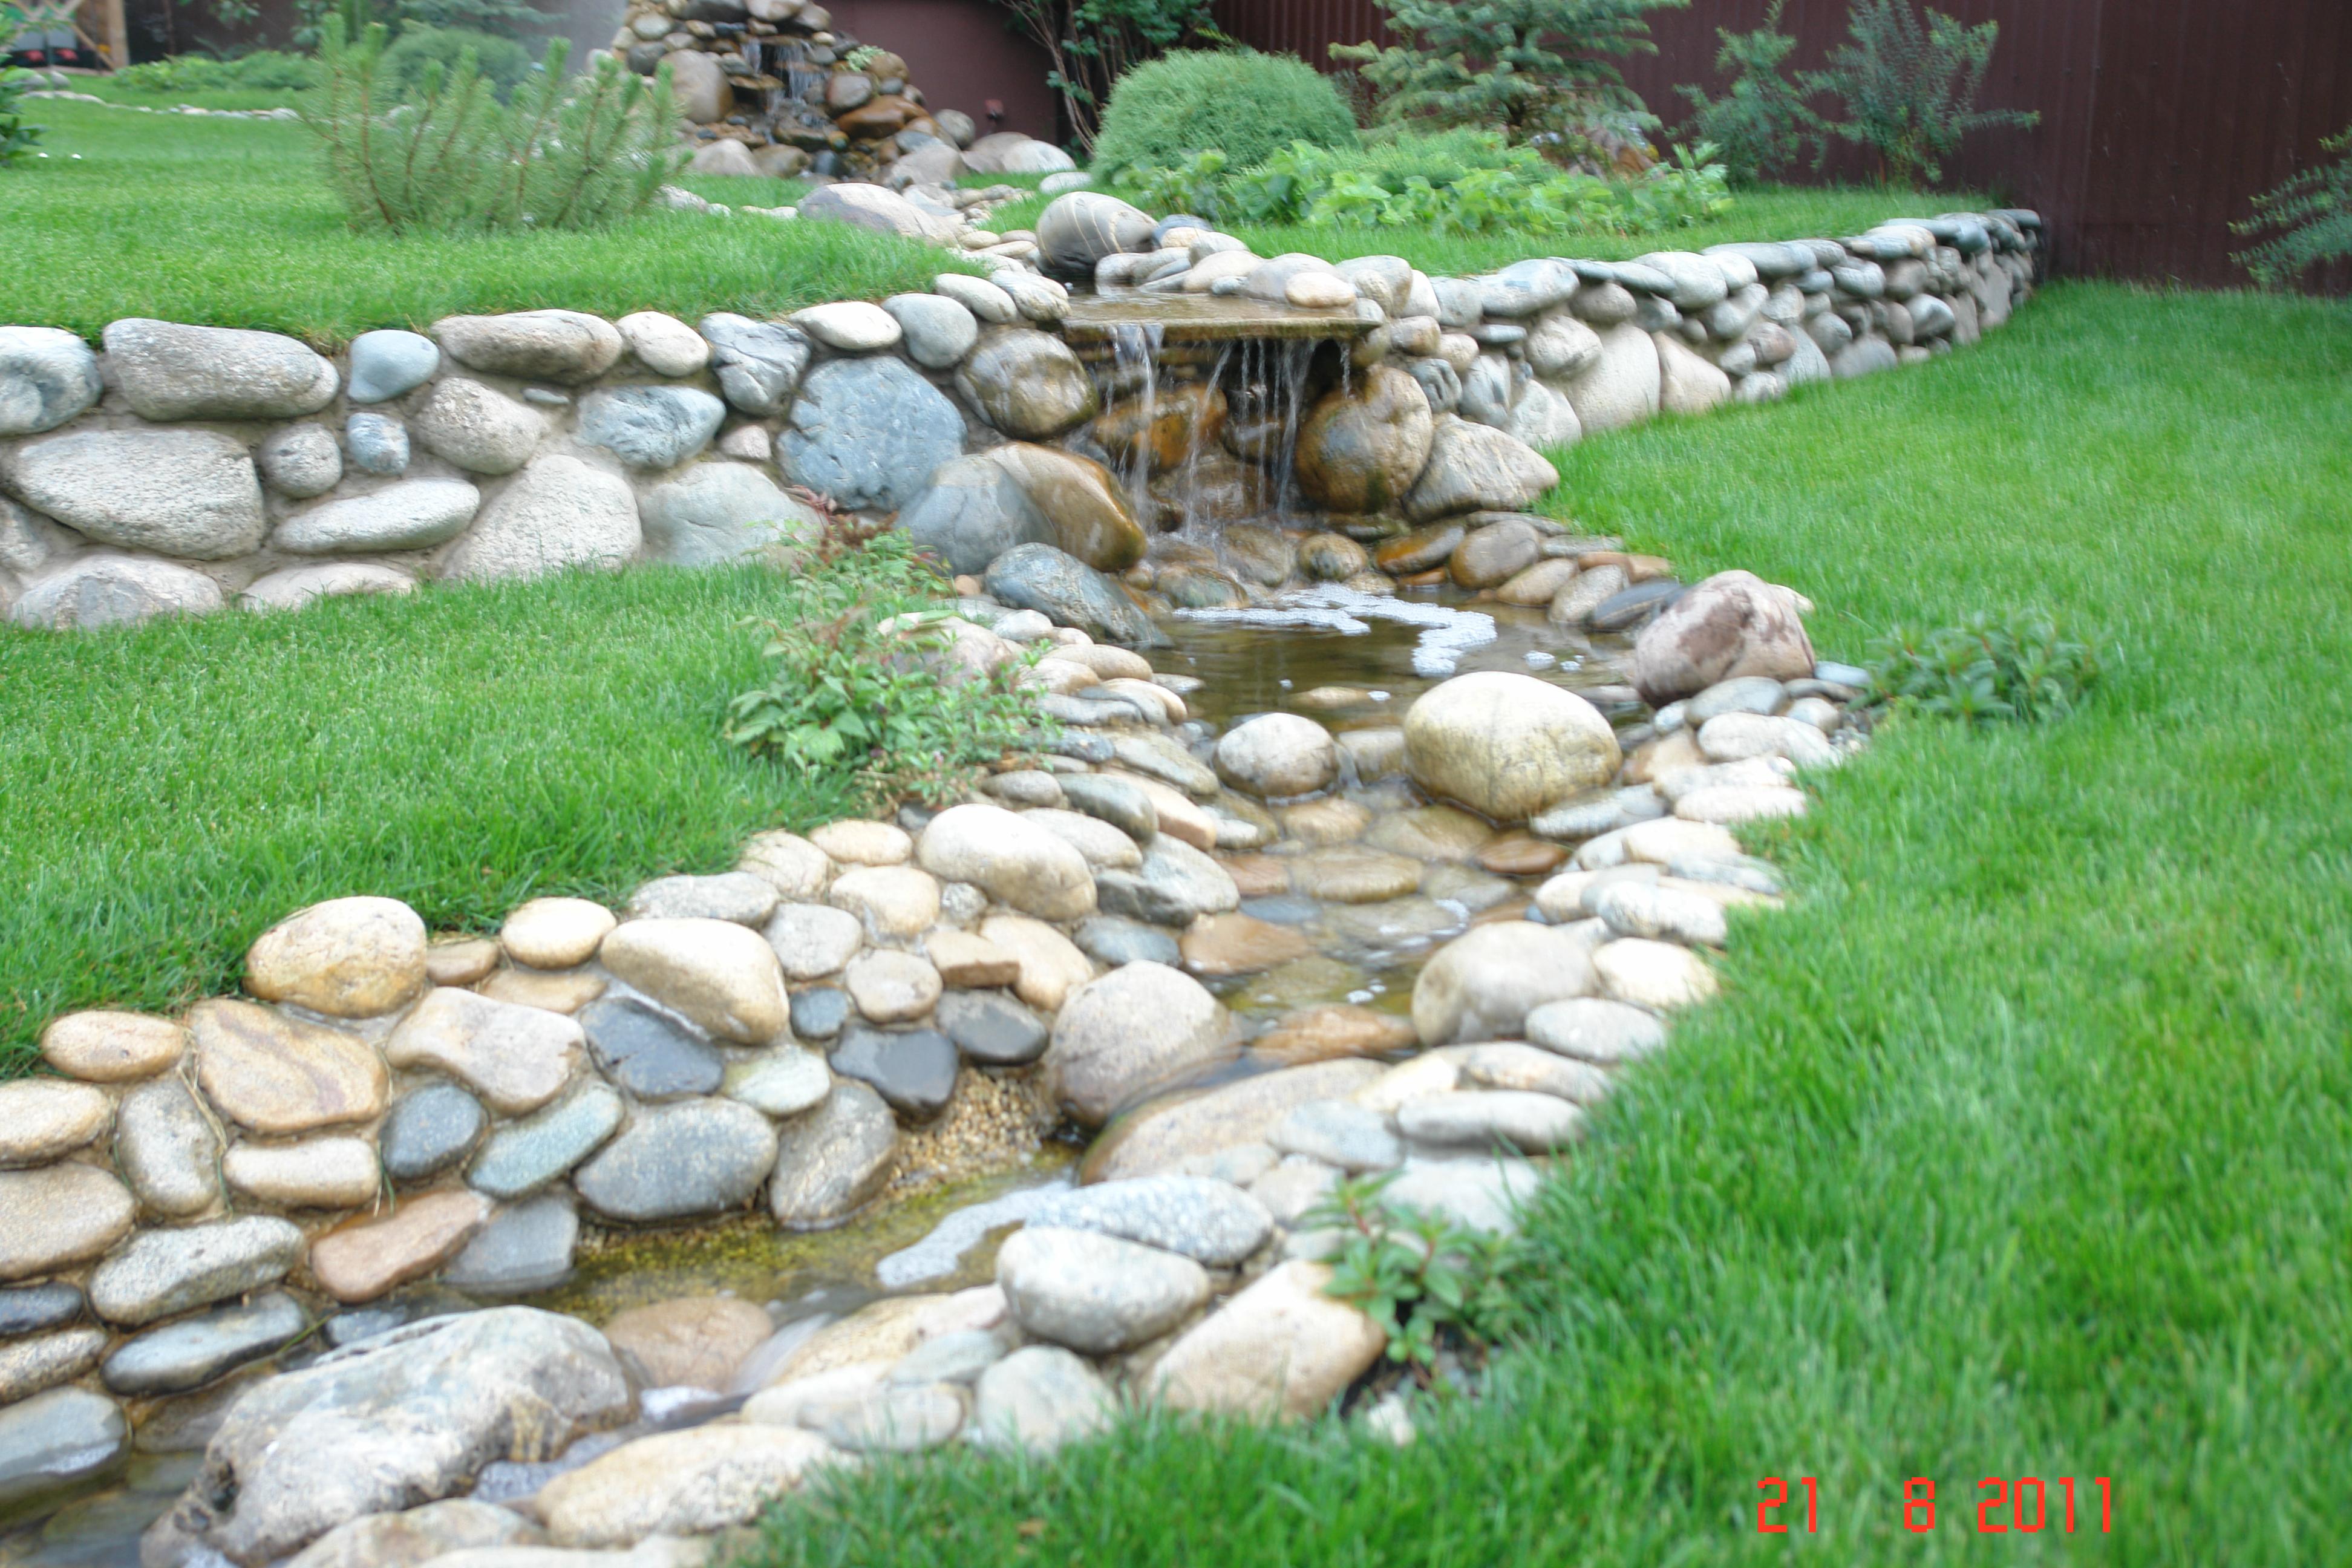 Ландшафтный дизайн из камней своими руками картинки